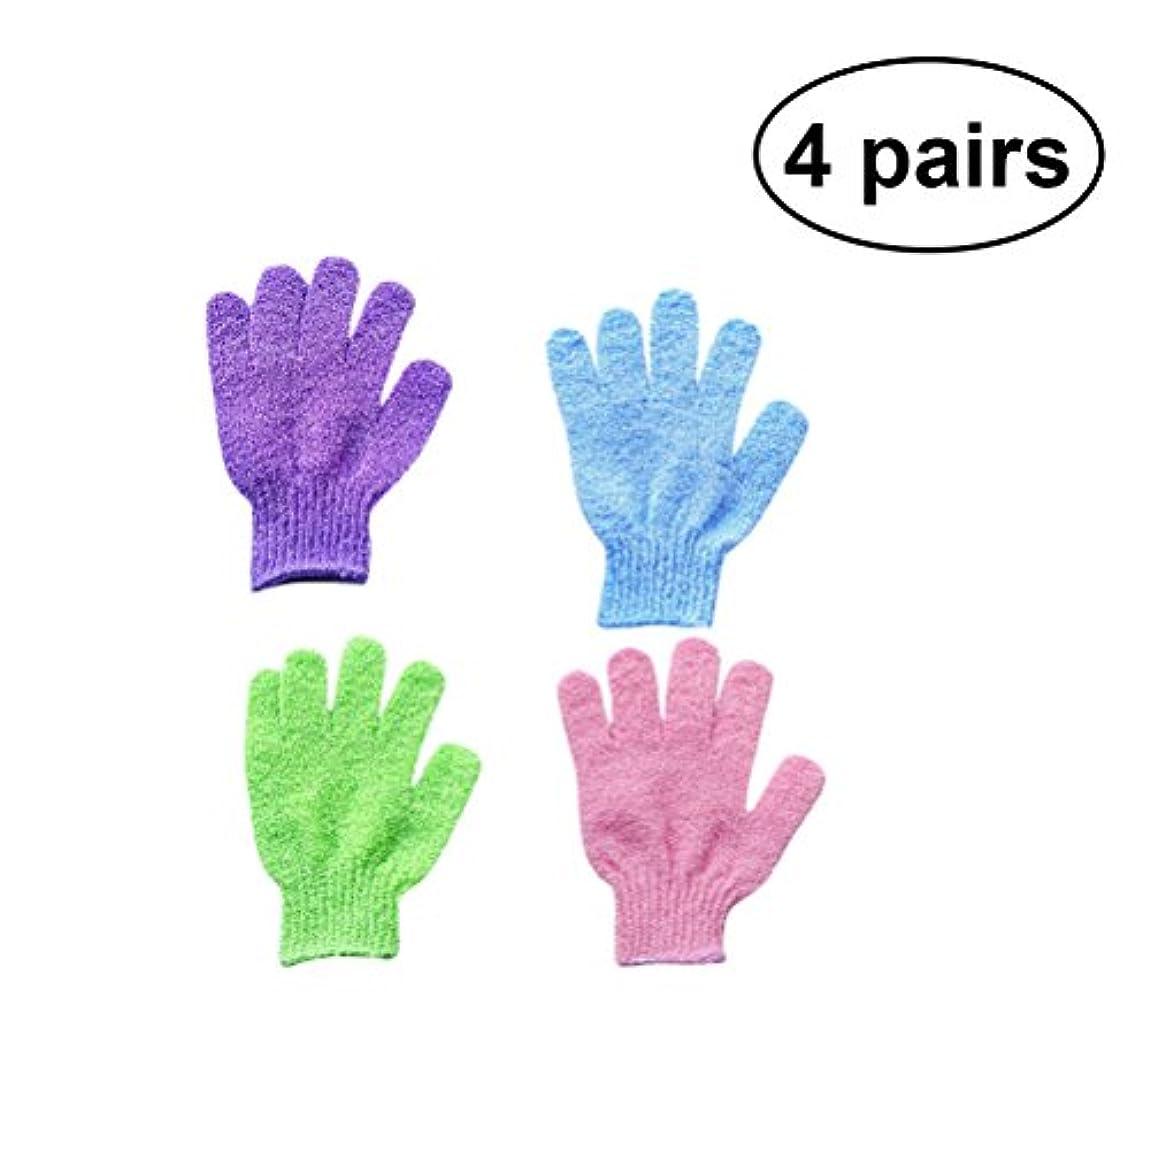 心のこもったおもてなしレーダーHealifty 4 Pairs Exfoliating Bath Gloves Shower Mitts Exfoliating Body Spa Massage Dead Skin Cell Remover